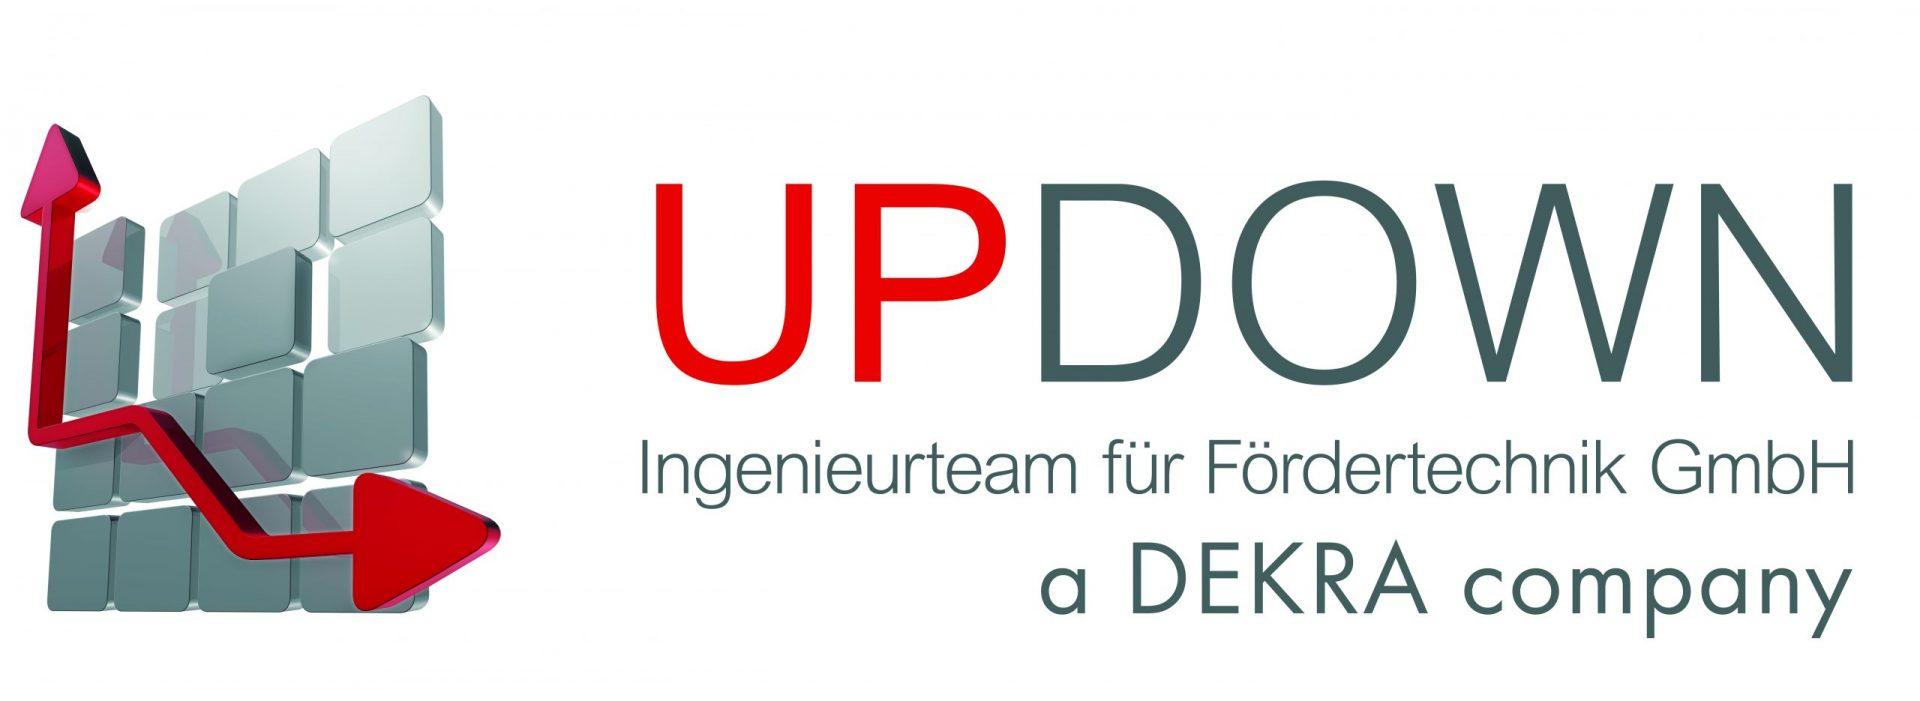 Updown Ingenieurteam für Fördertechnik Logo